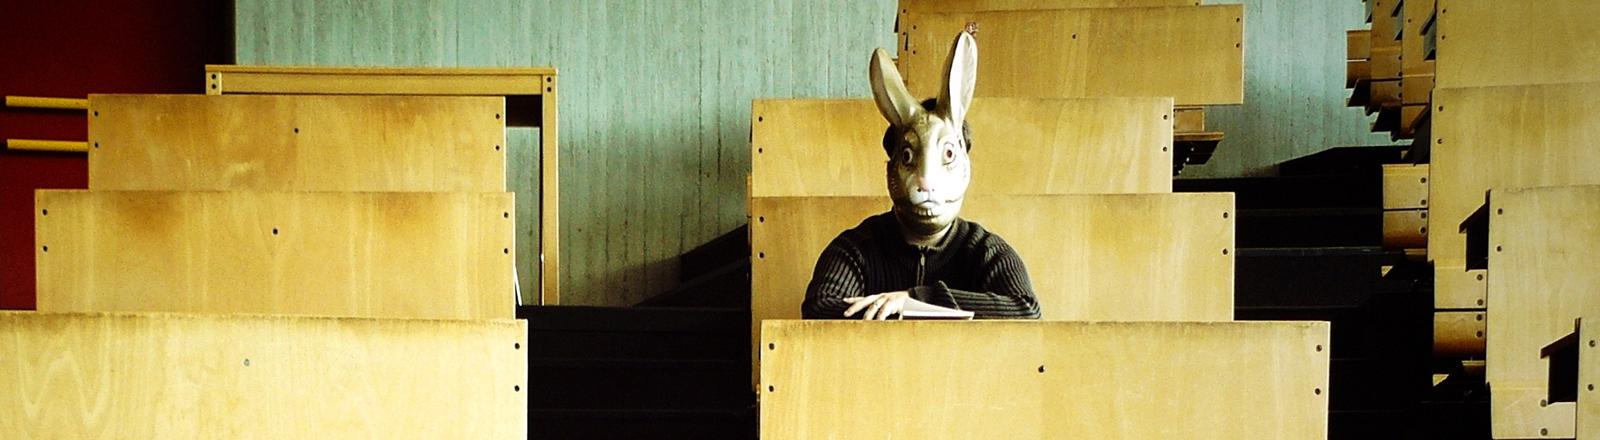 Student mit Hasenmaske in Hörsaal